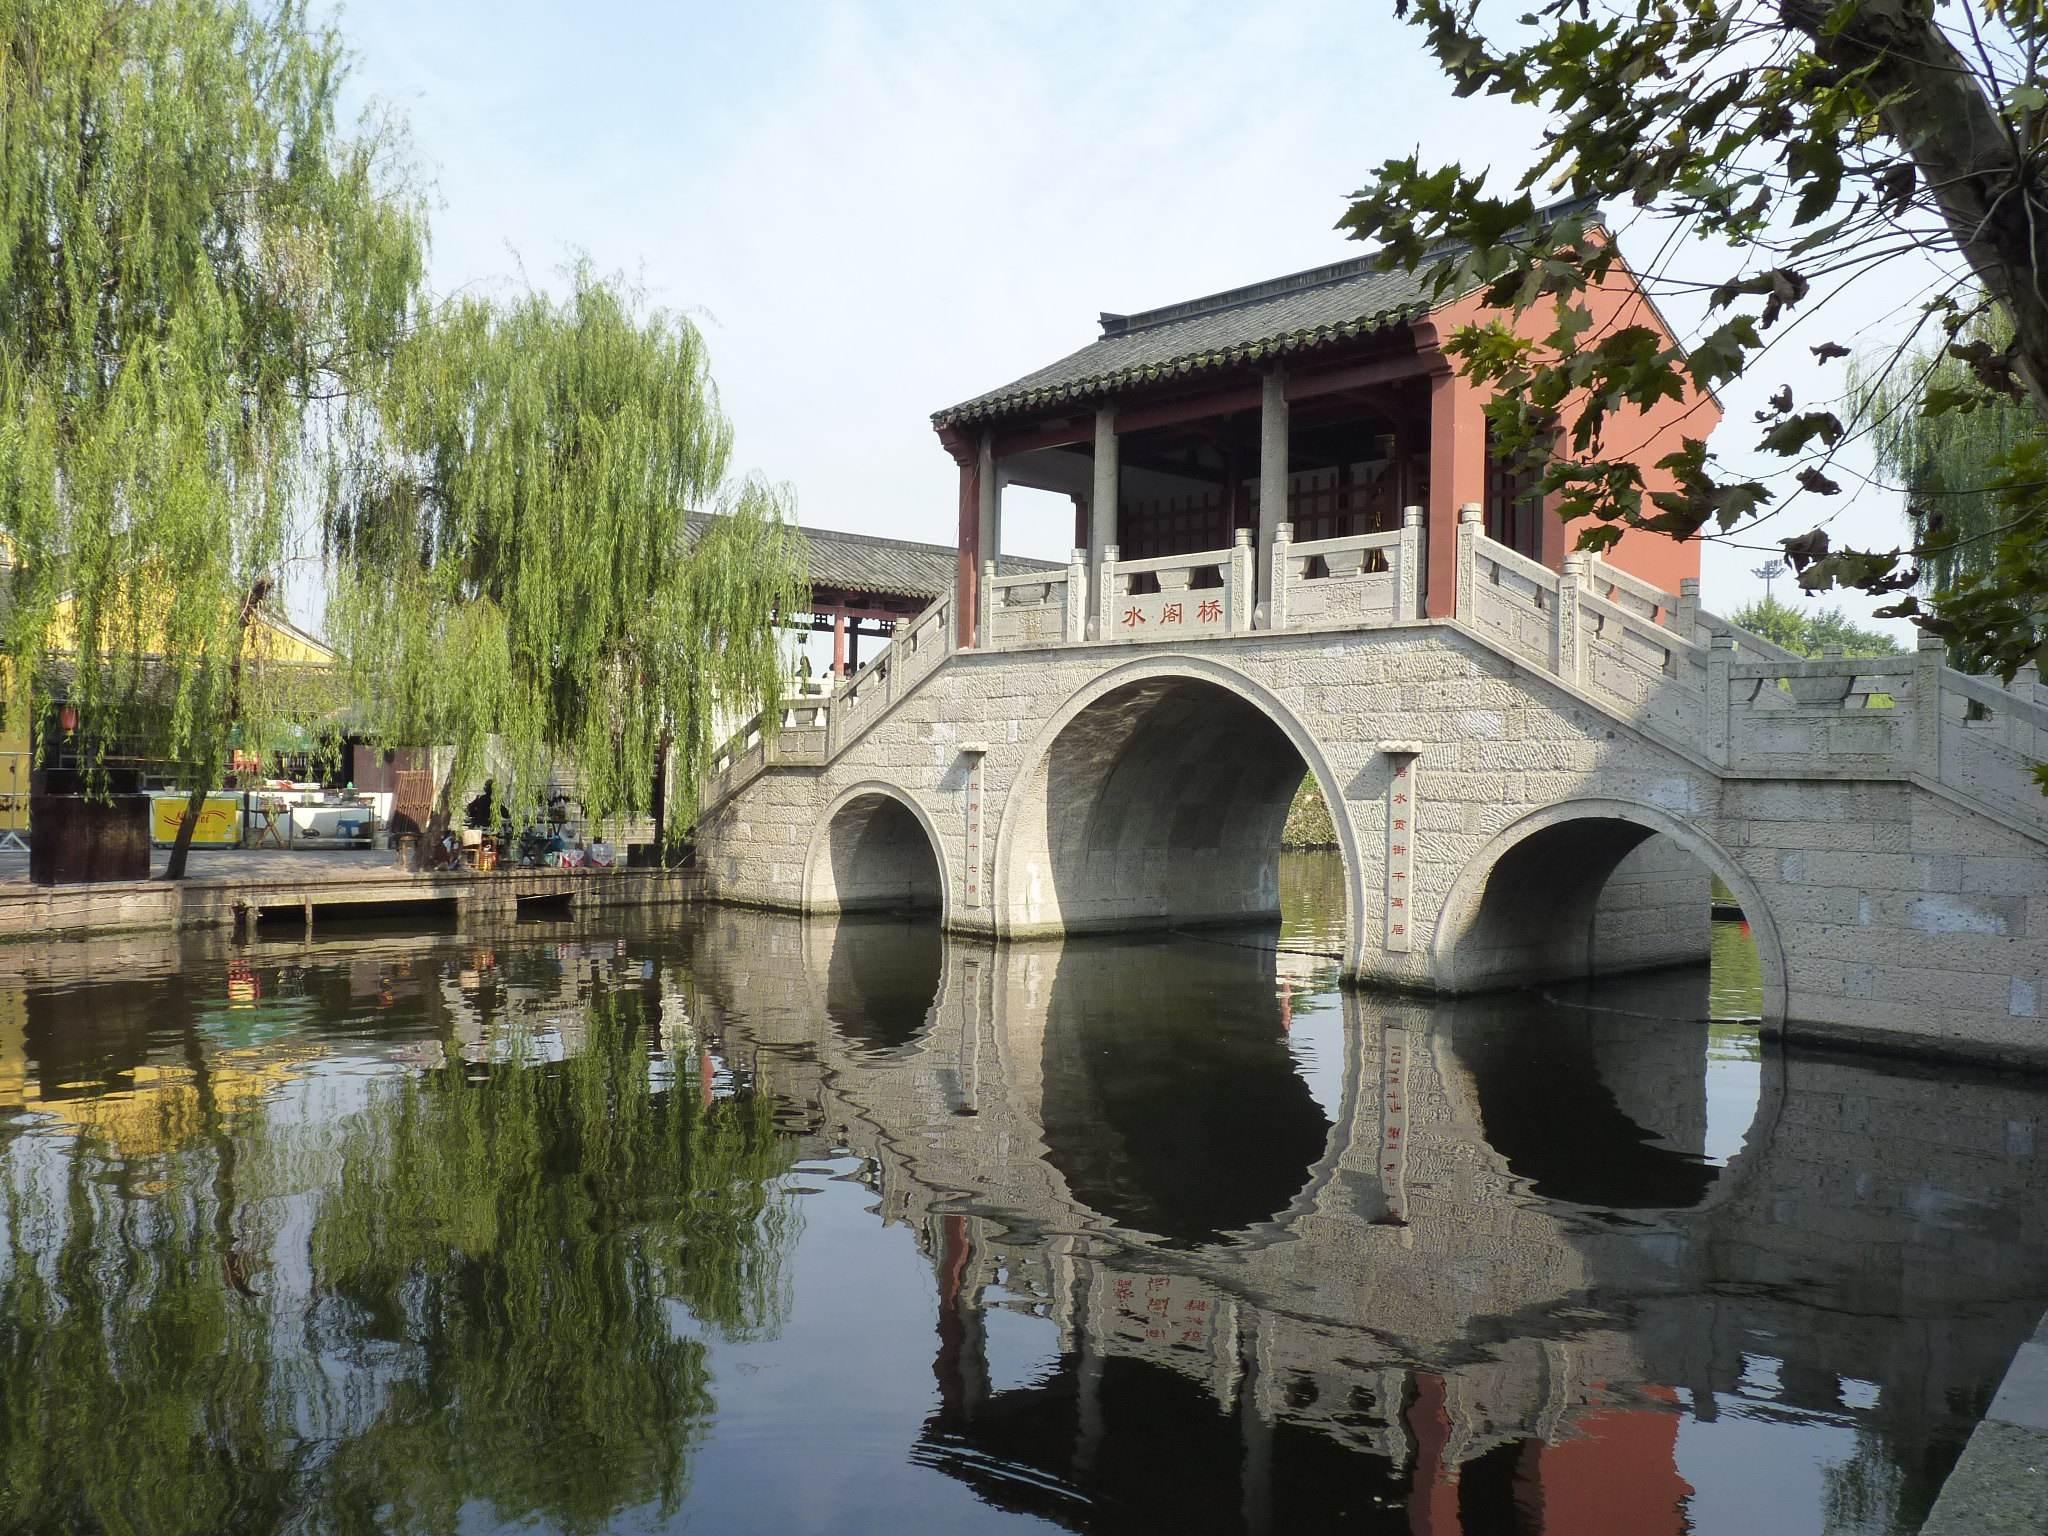 美丽中国全国畅游卡浙江旅游一卡通